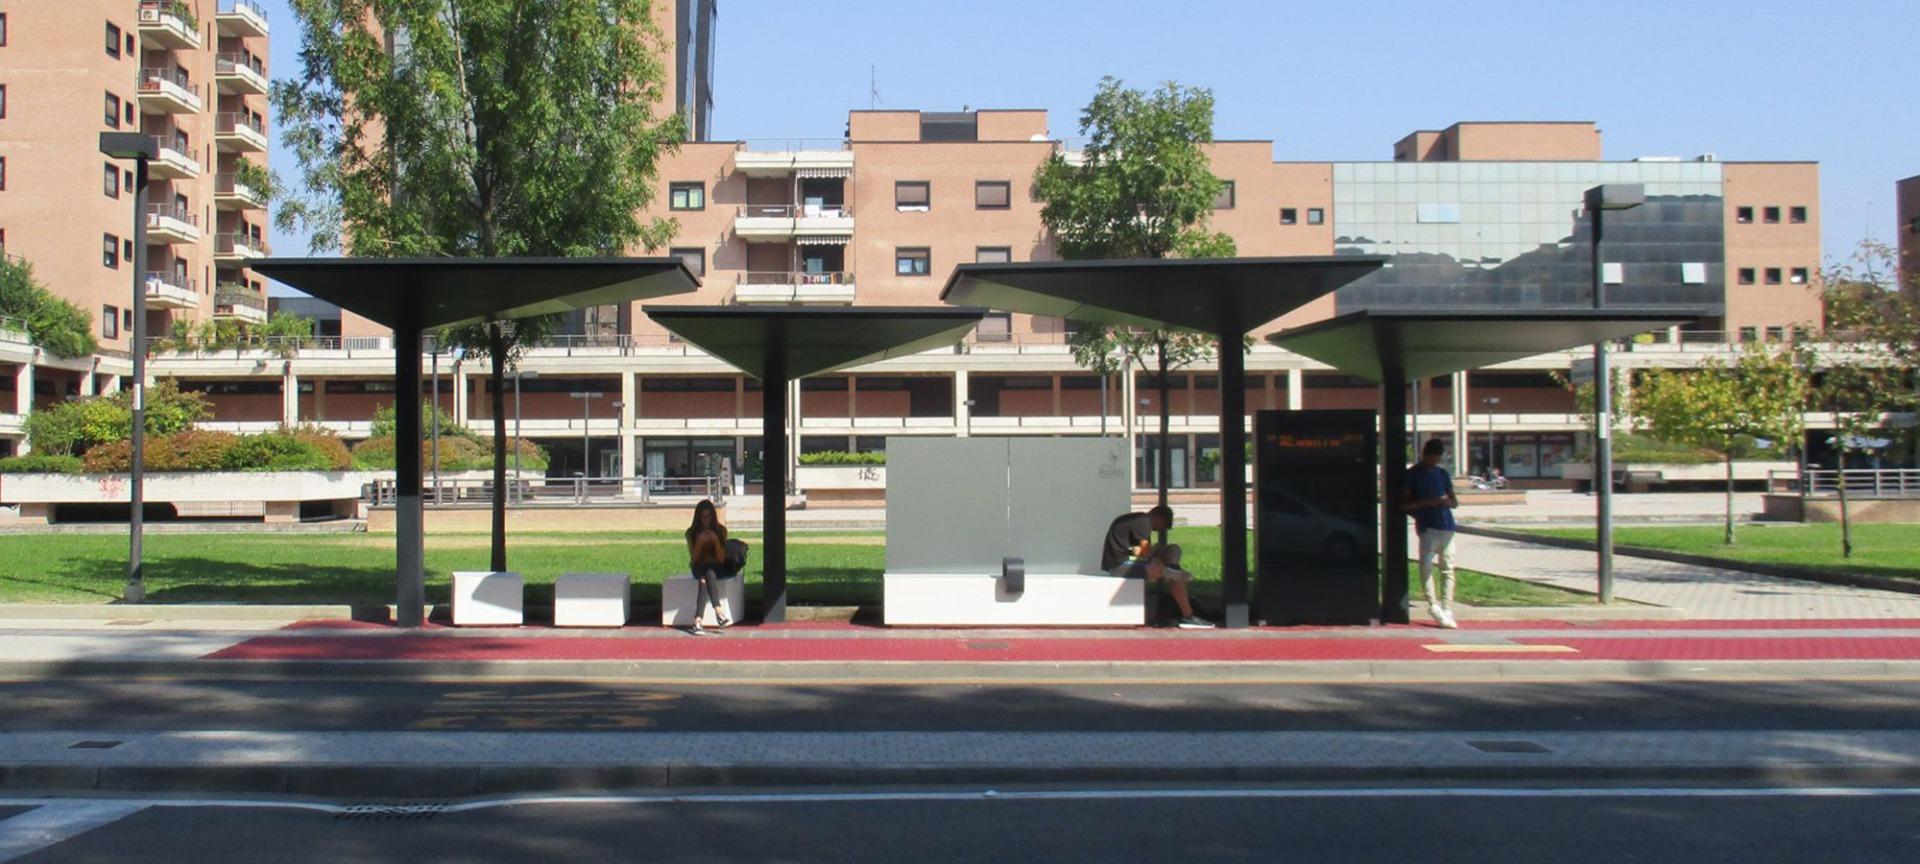 Agenzia Mobilita of Reggio Emilia